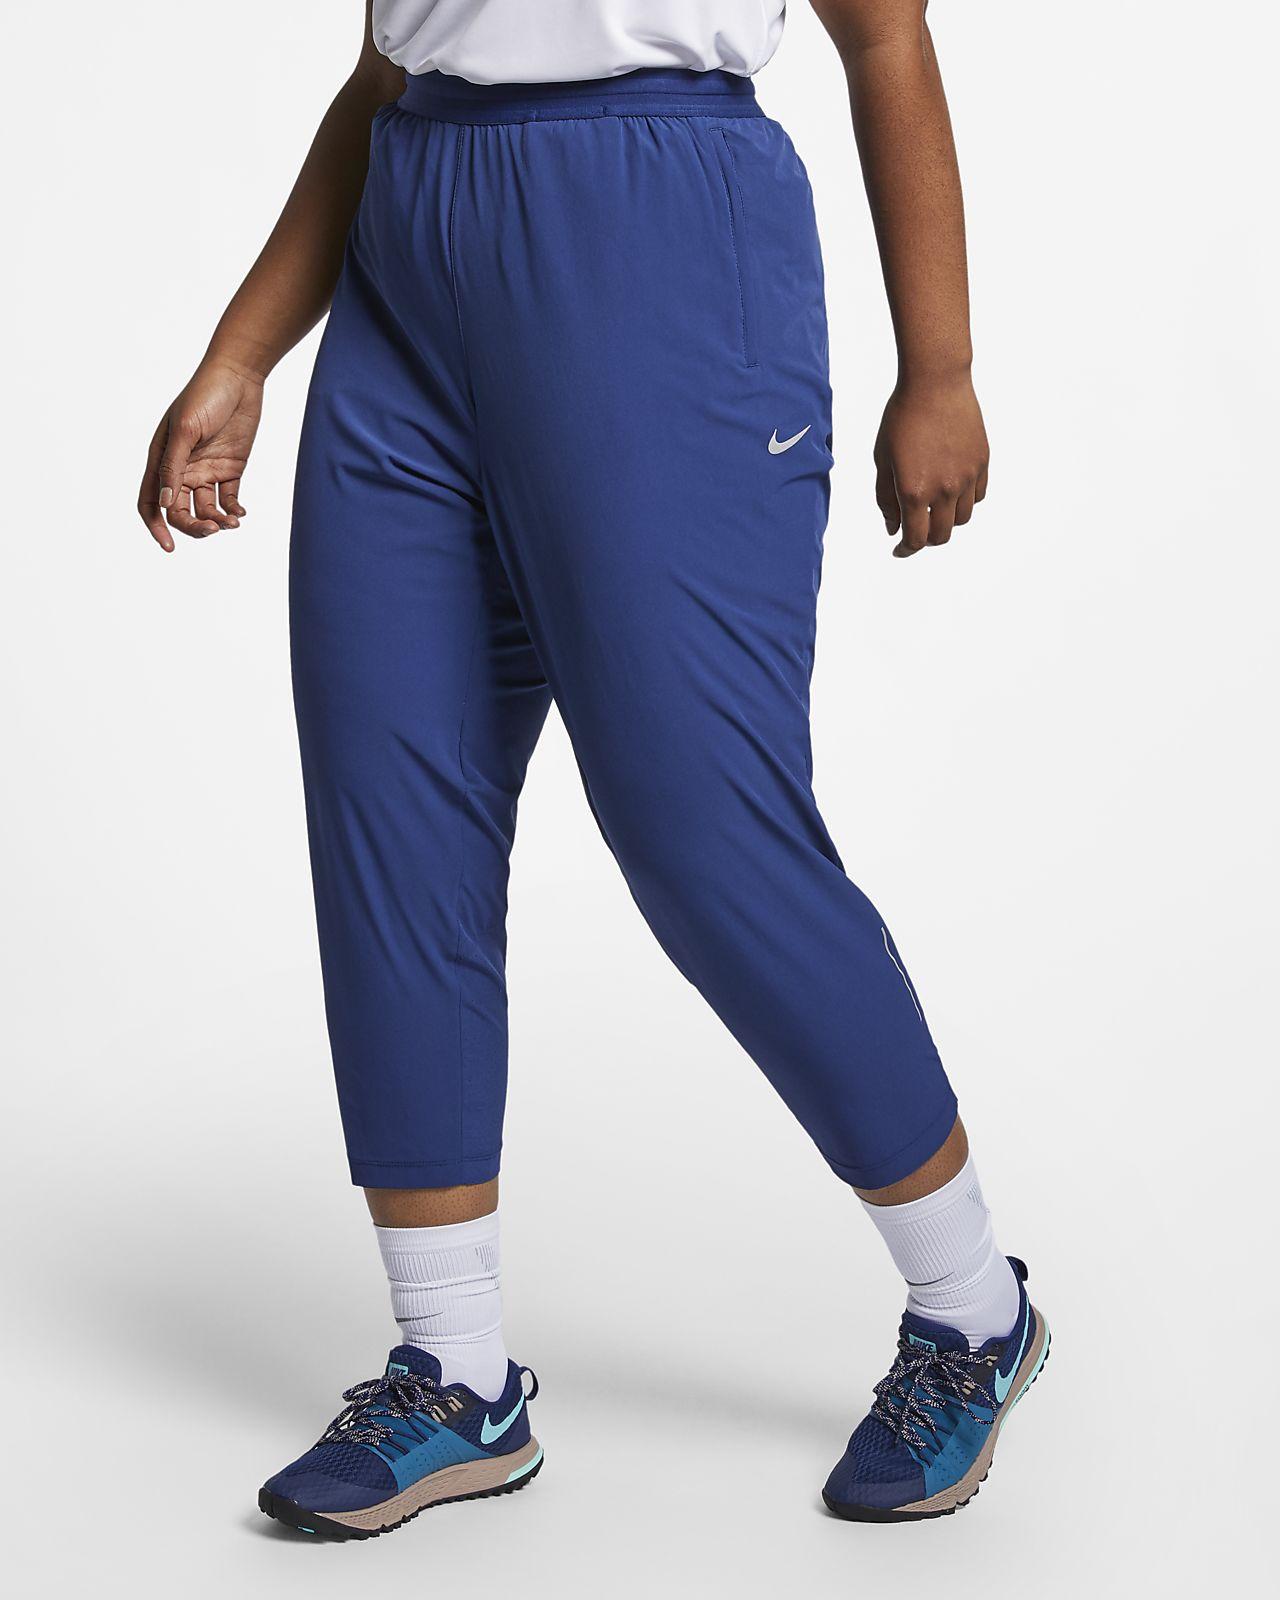 fb75d97f892 Nike Essential 7/8-hardloopbroek voor dames (grote maten). Nike.com BE